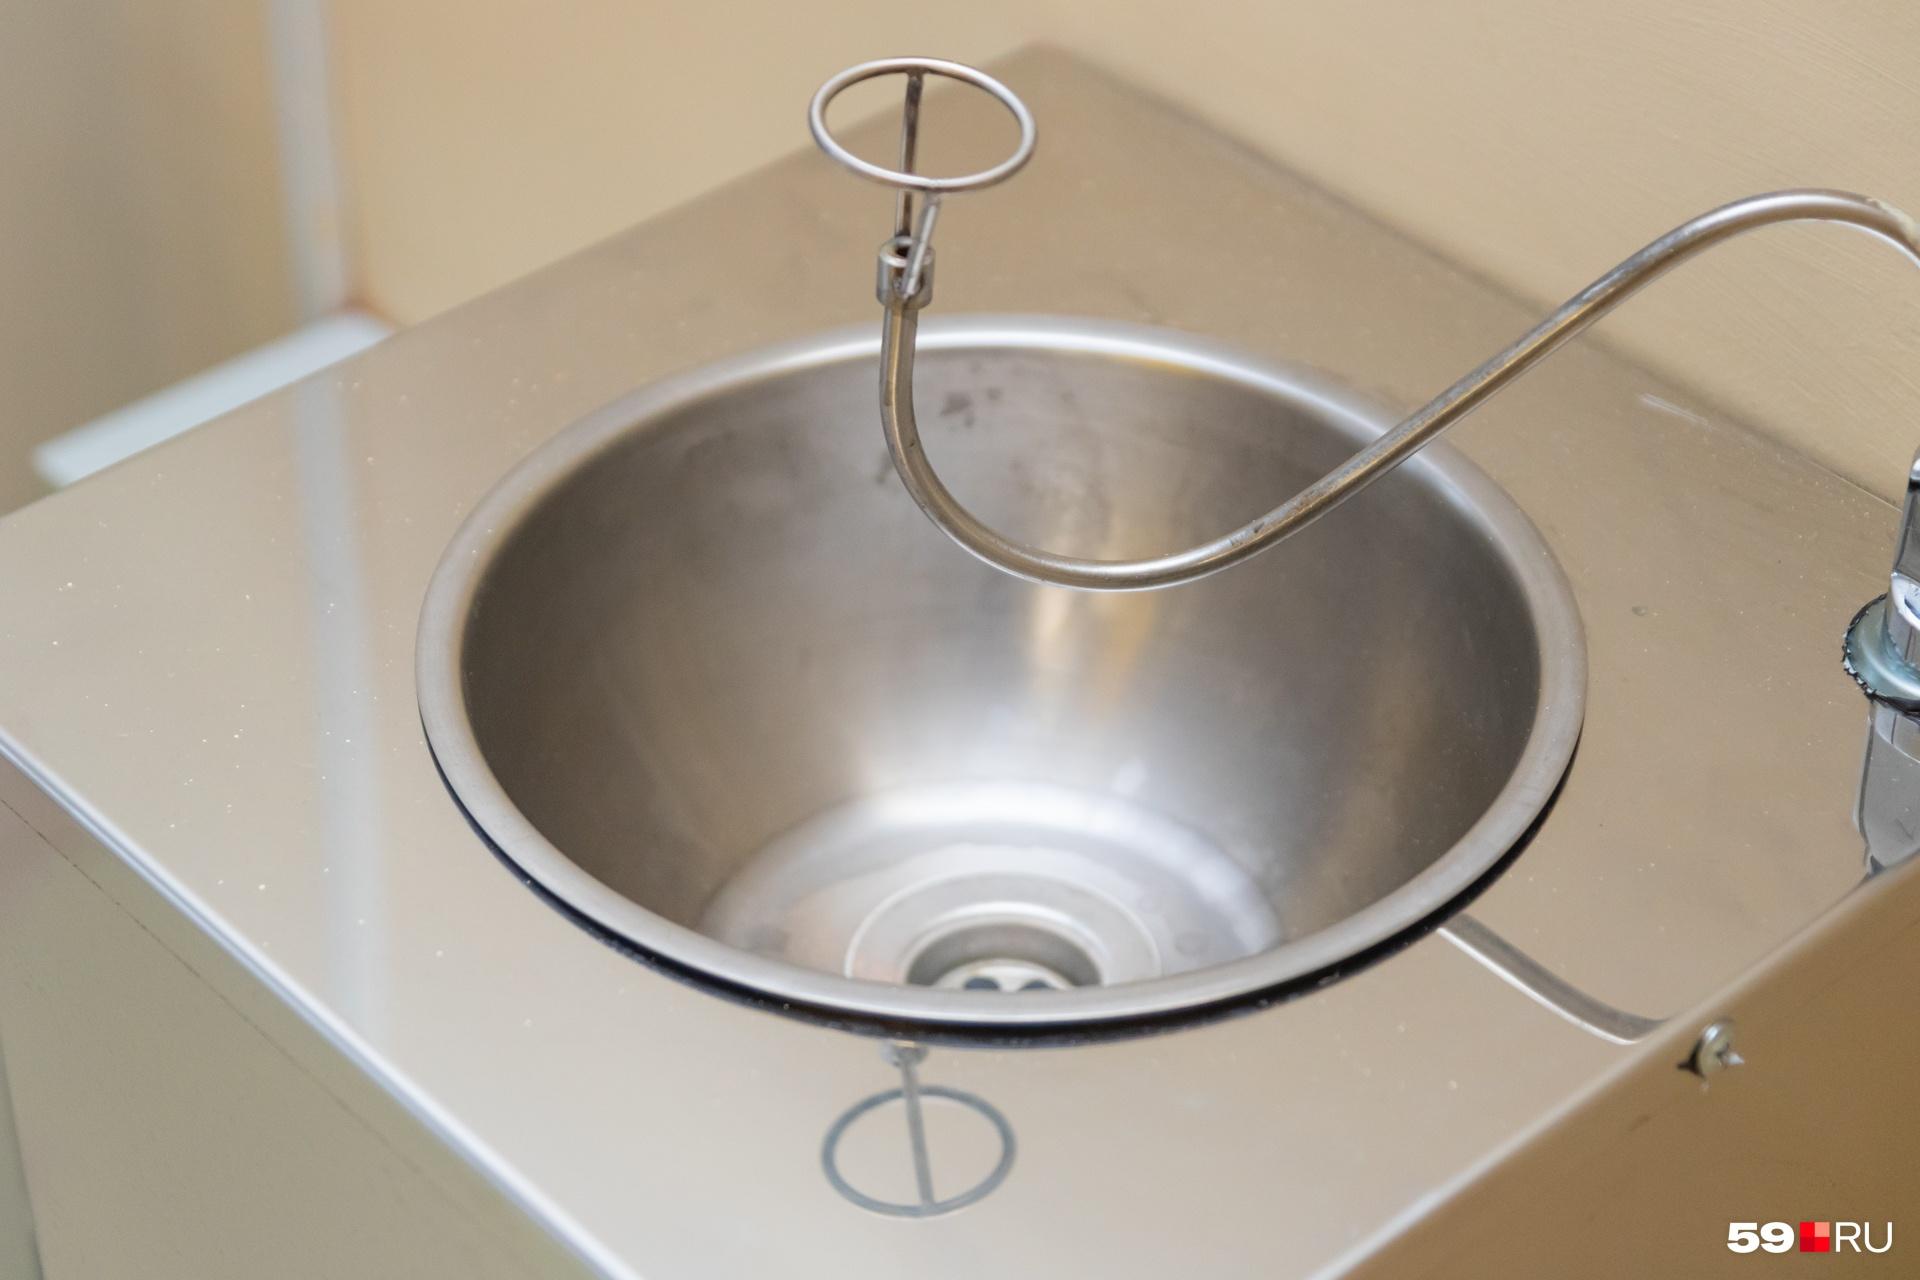 Фонтанчик с чистой водой для питья